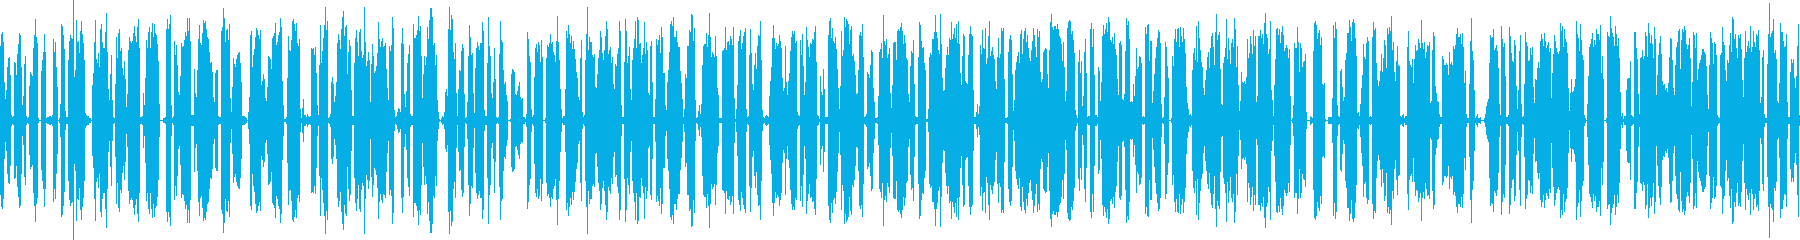 電気・ショート・感電・ビリビリ効果音の再生済みの波形